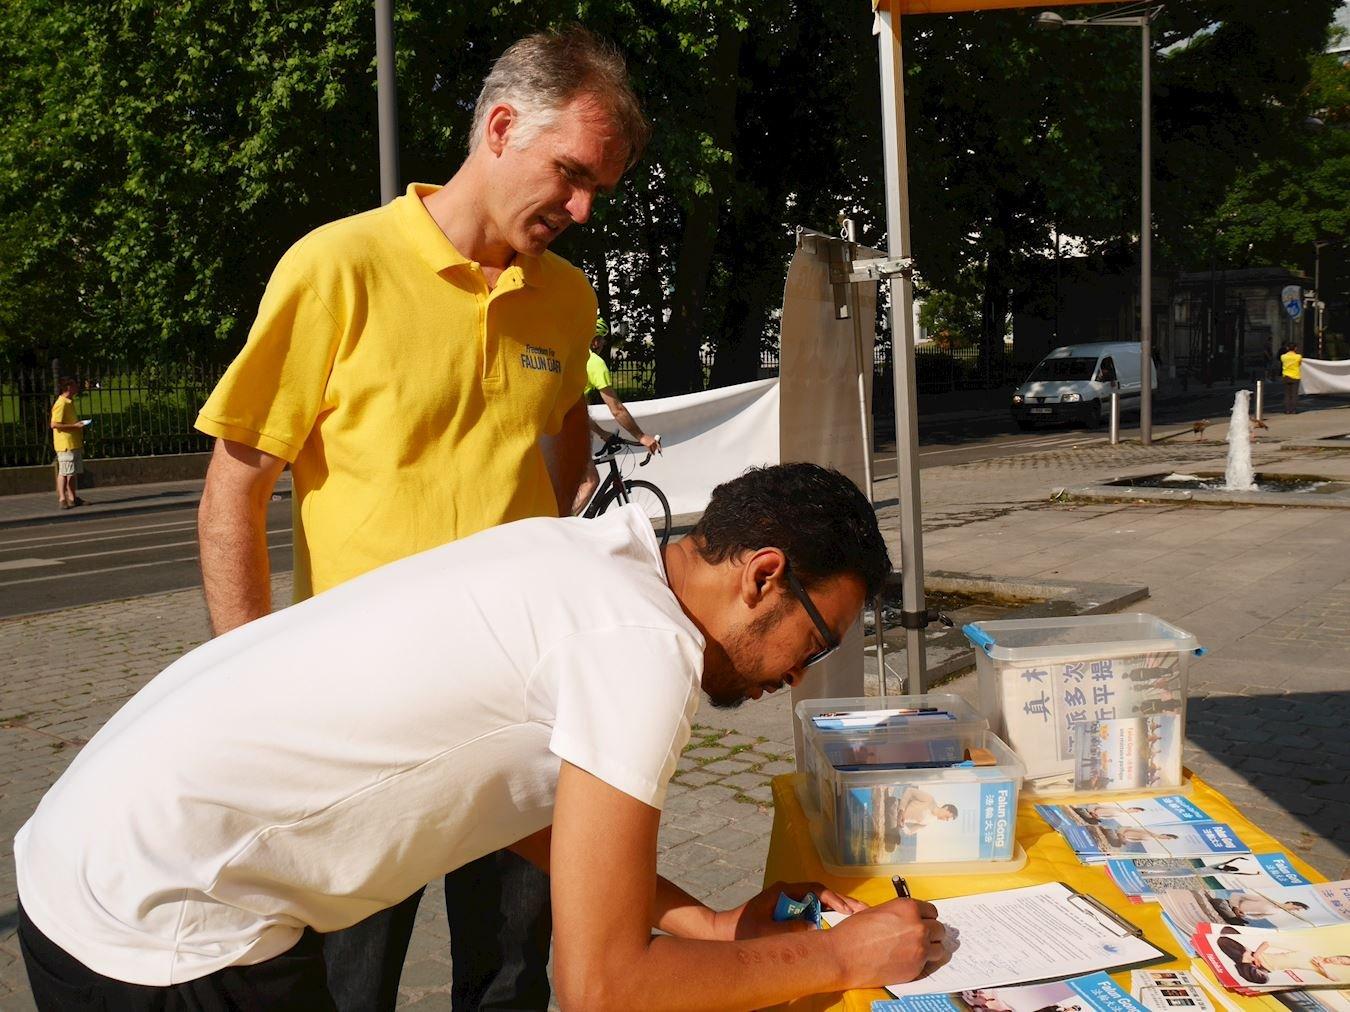 默罕默德(Mohammad)在要求比利時政府反對活摘法輪功學員器官的證簽簿上簽名。(明慧網)